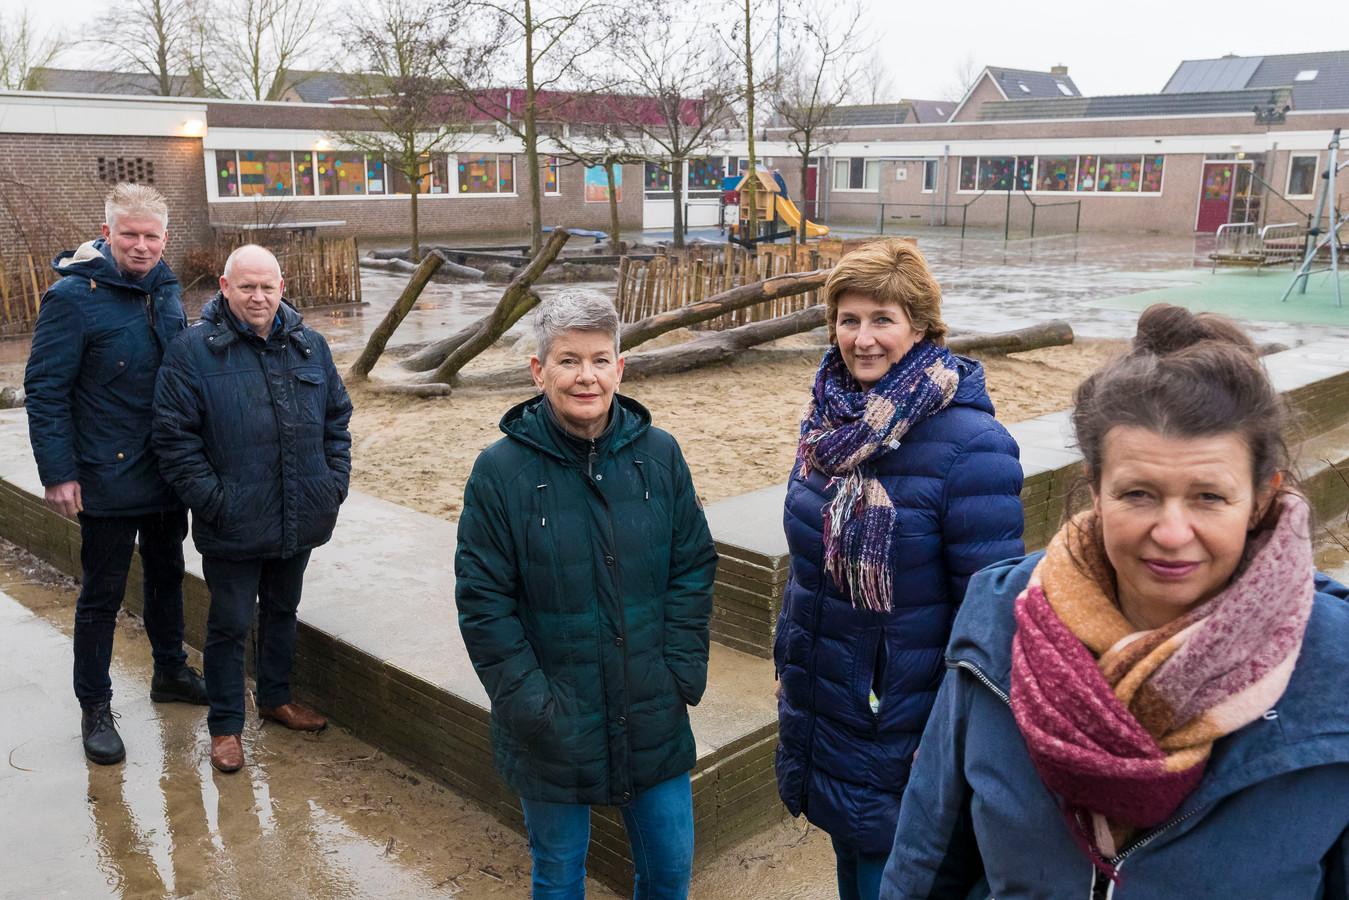 En aantal vrijwilligers van Kansrijk Elshout, bij de Th.J. Rijkenschool. Vlnr. Joost Muskens, Casper van de Brandt, Geraldine Kwetters, Christine van den Besselaar en Yvonne Simons.